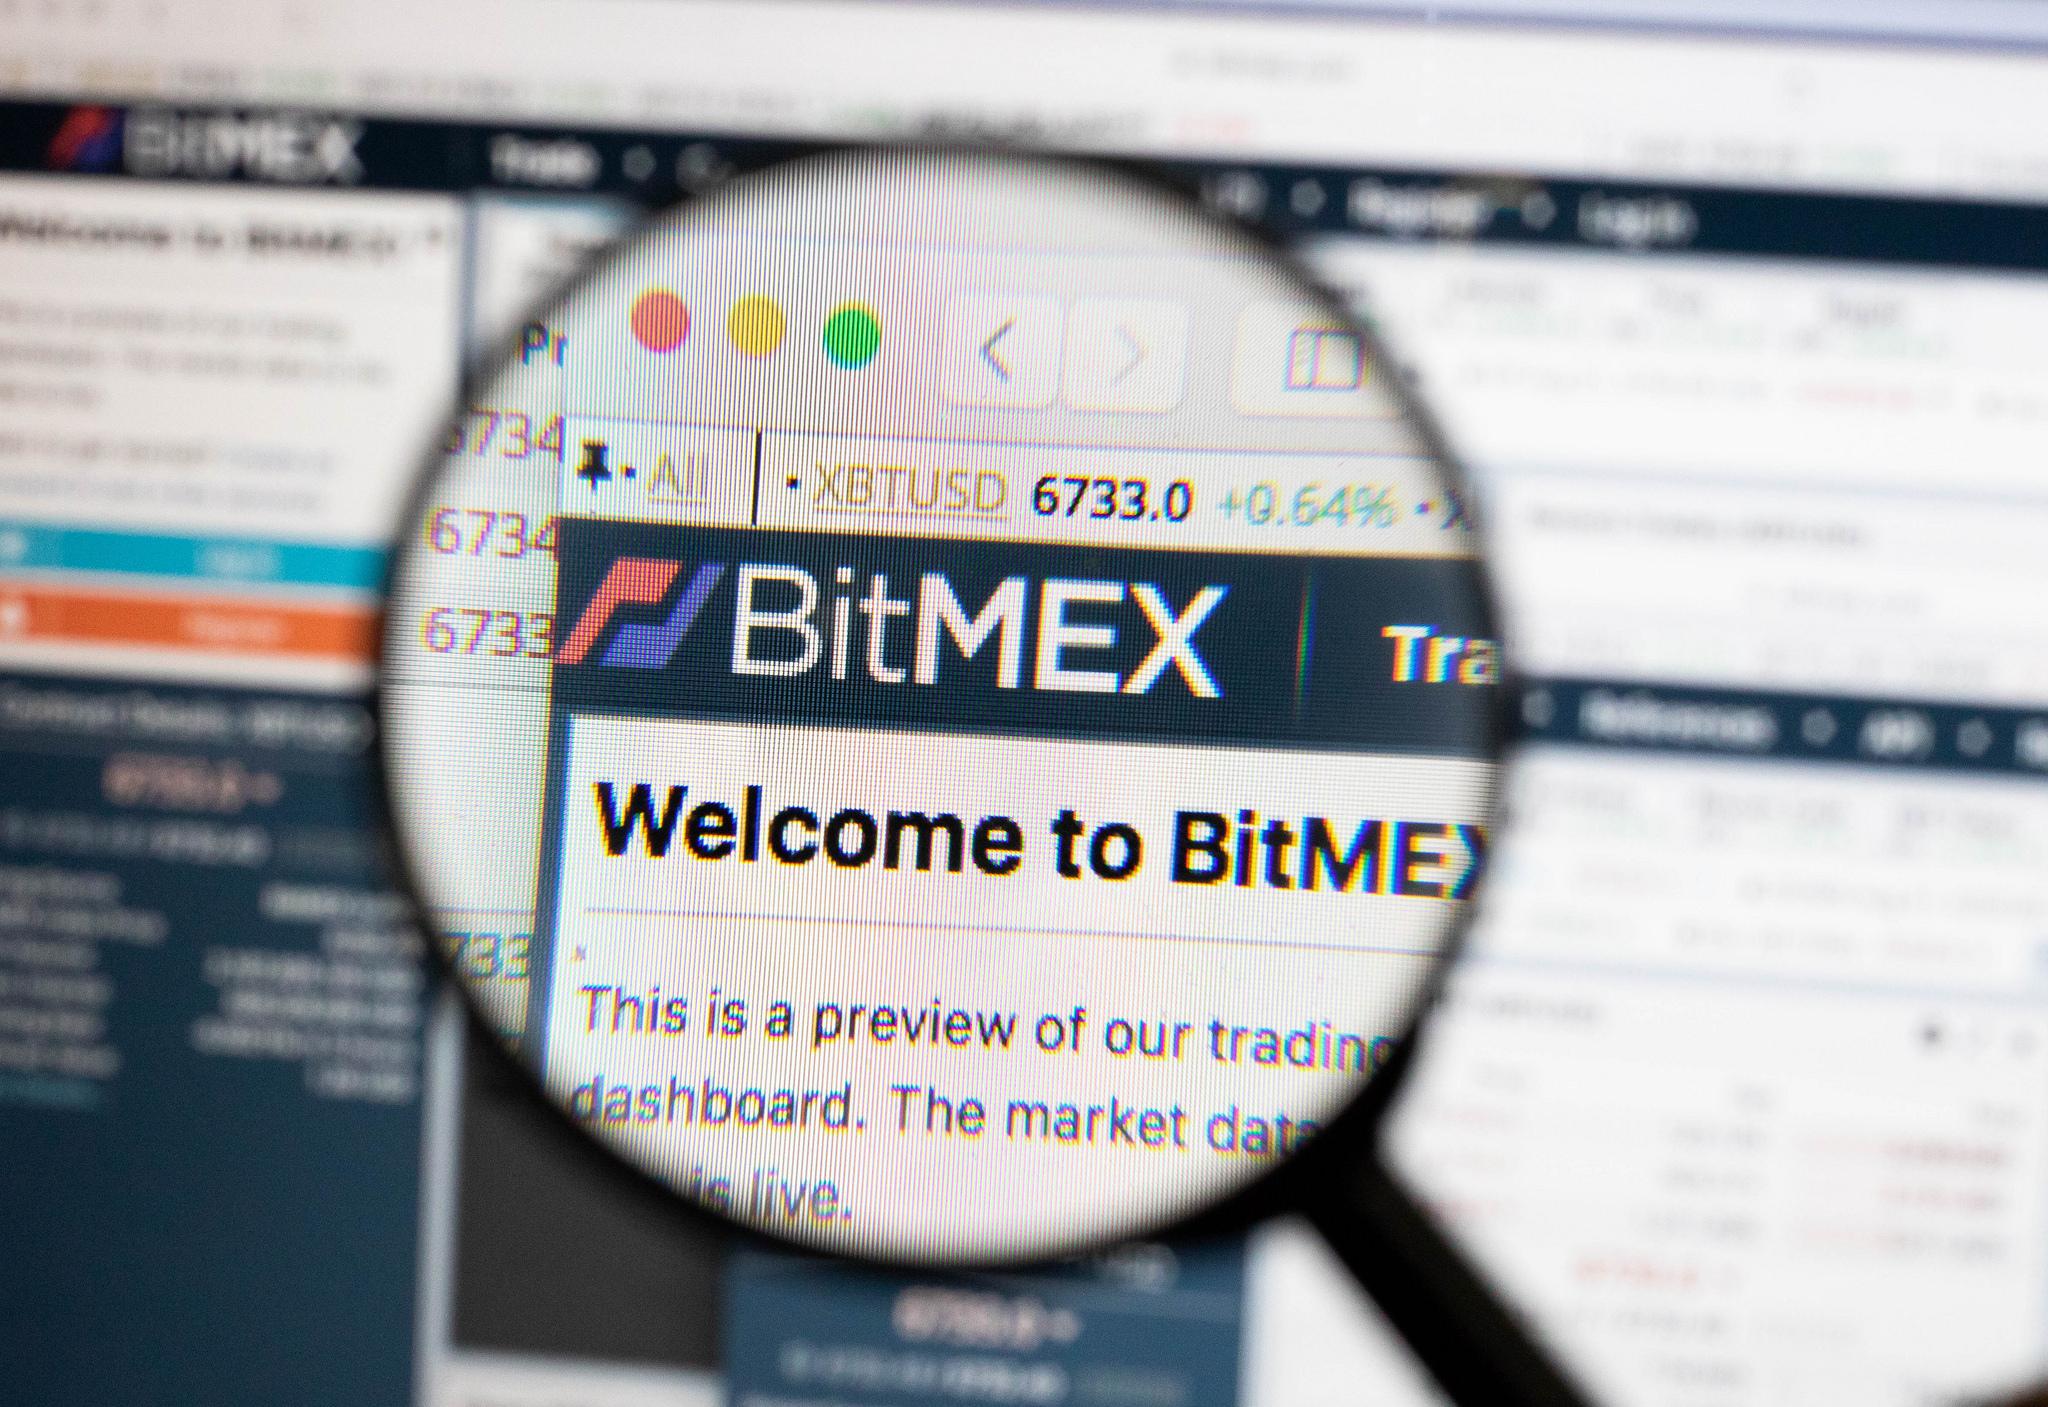 Оператор BitMEX предоставит $400 000 помощи организациям по кибербезопасности